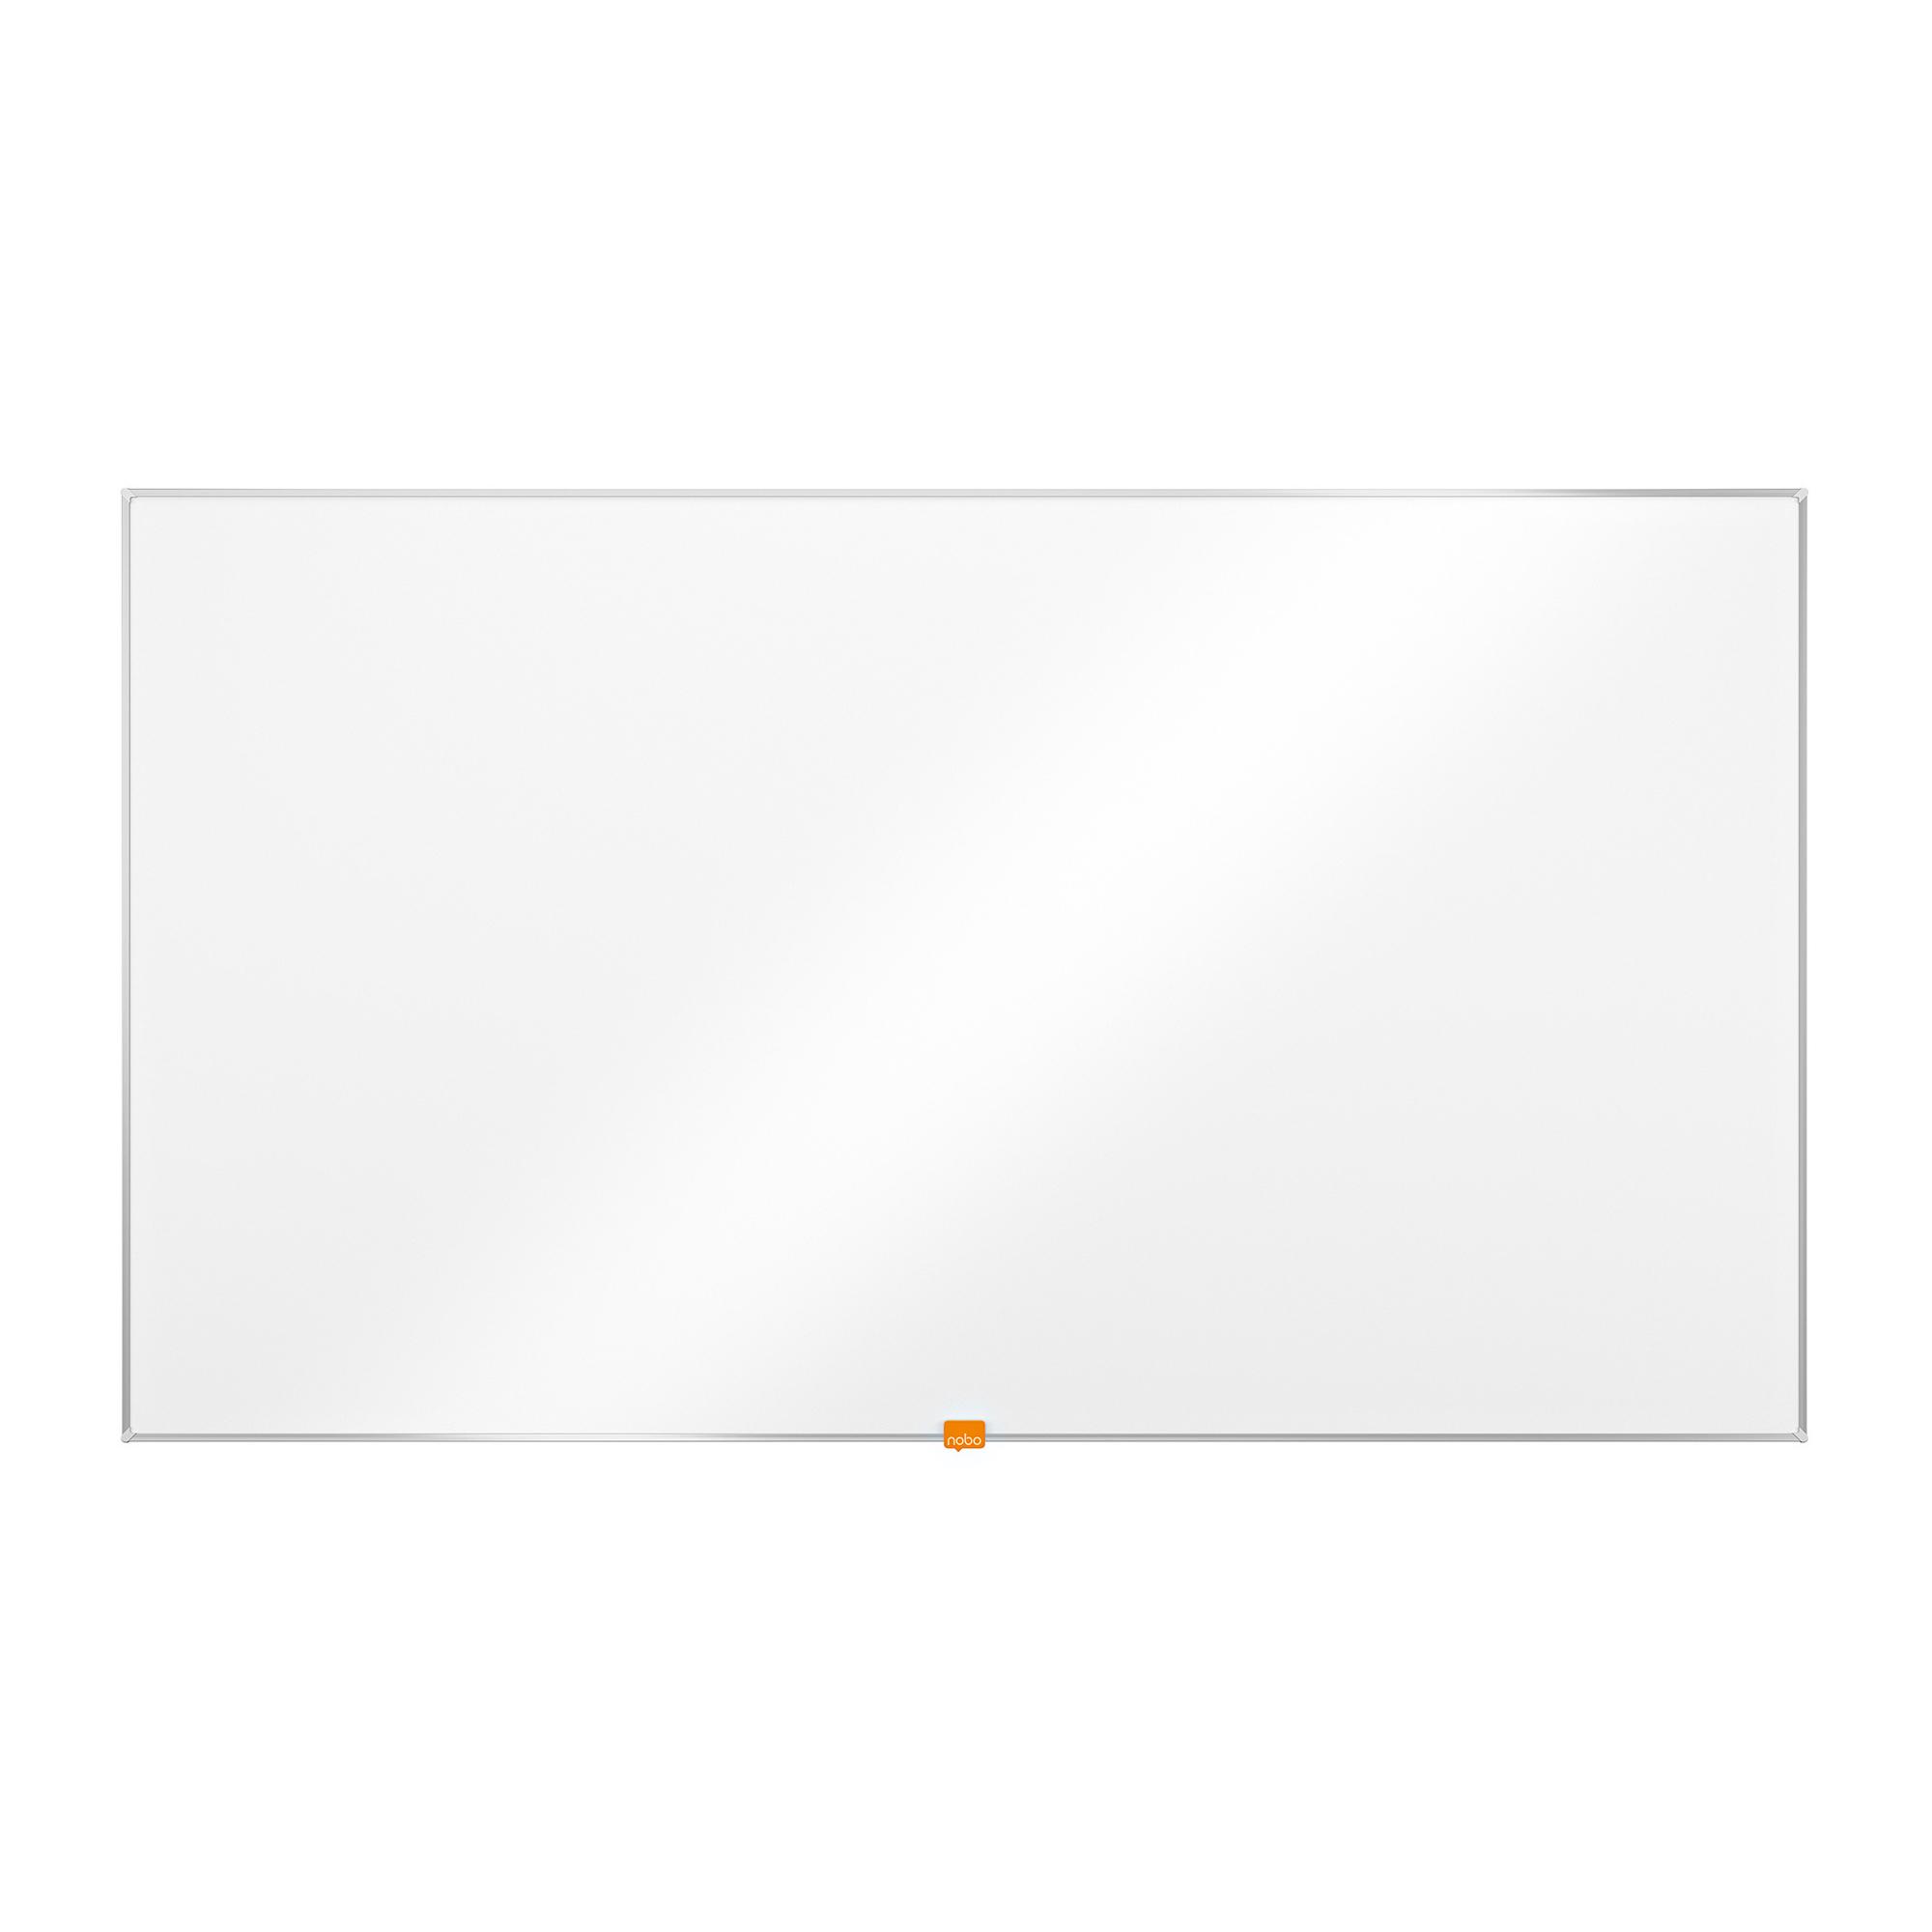 Nobo Enamel Whiteboard Widescreen 40in Magnetic 890x500mm Ref 1905302